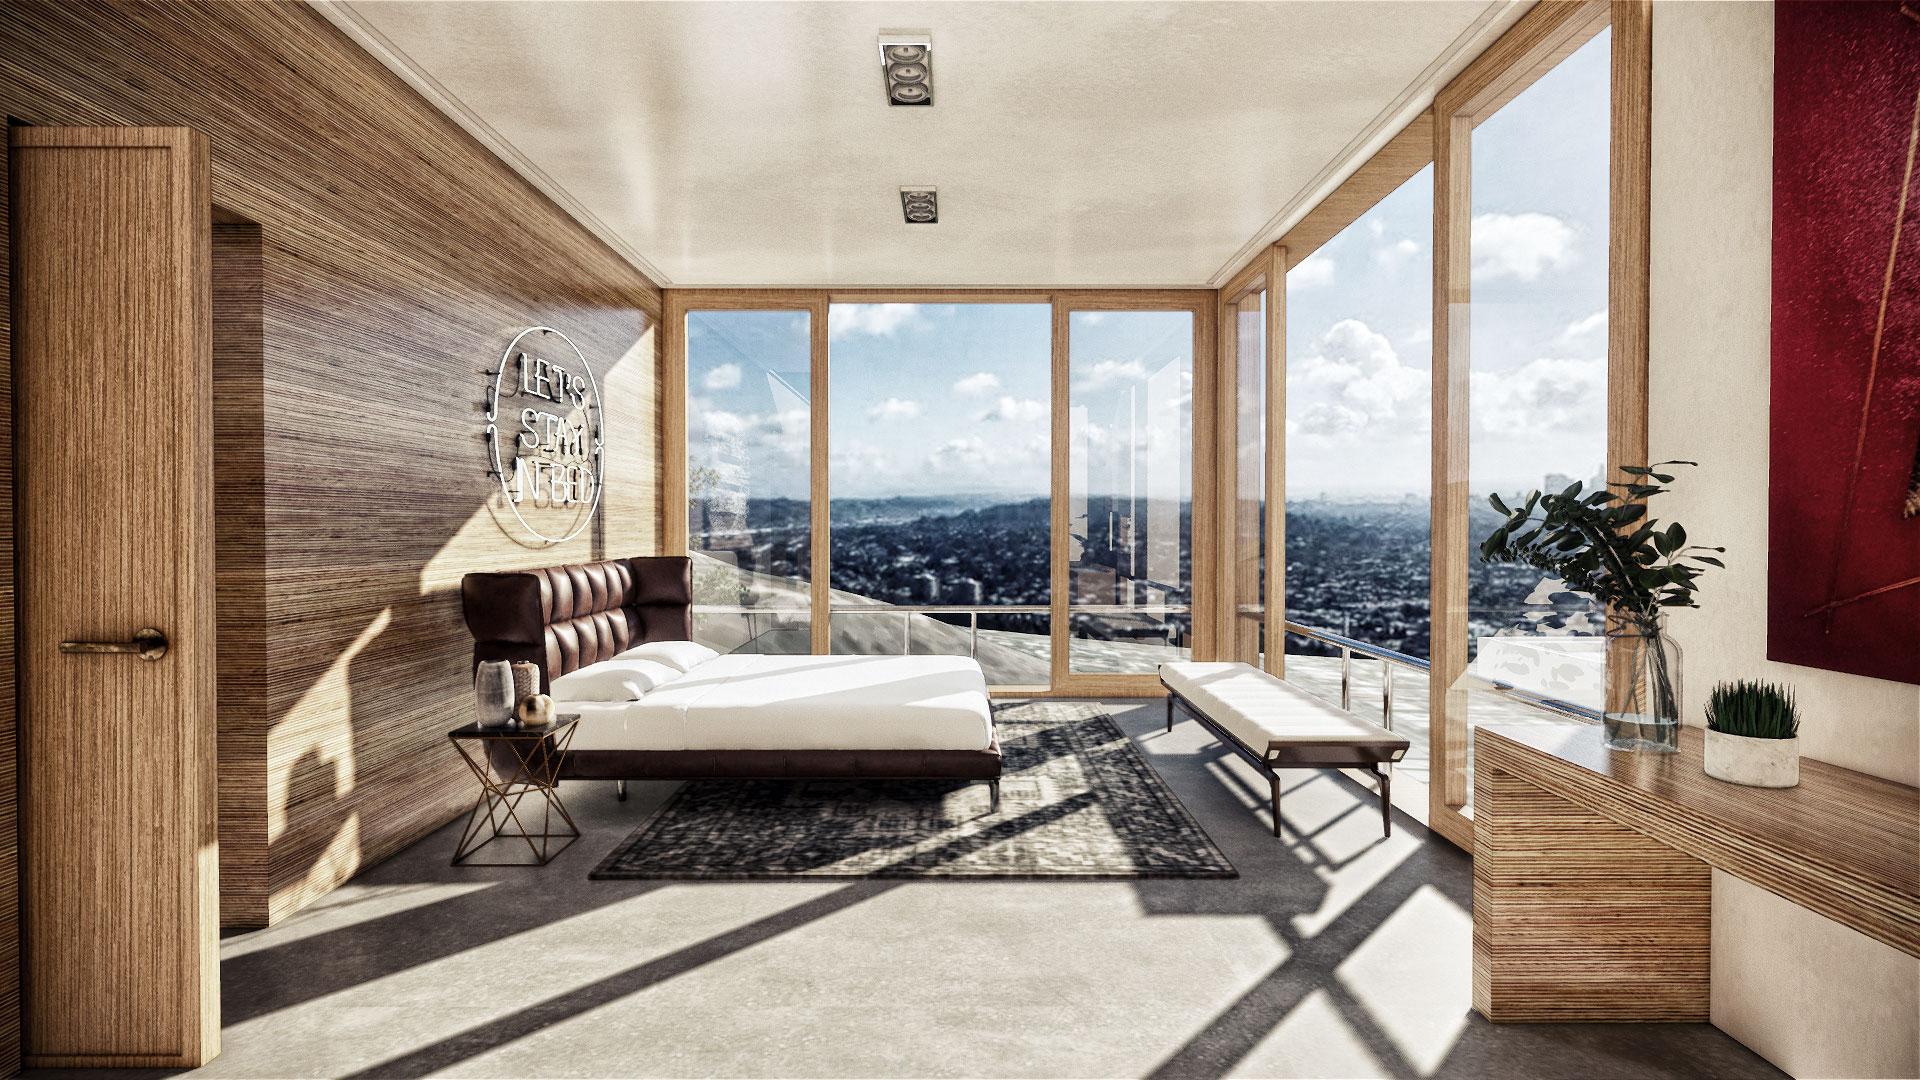 Fabrizia-Zorzenon---Residential-Architecture---Los-Angeles-4.jpg